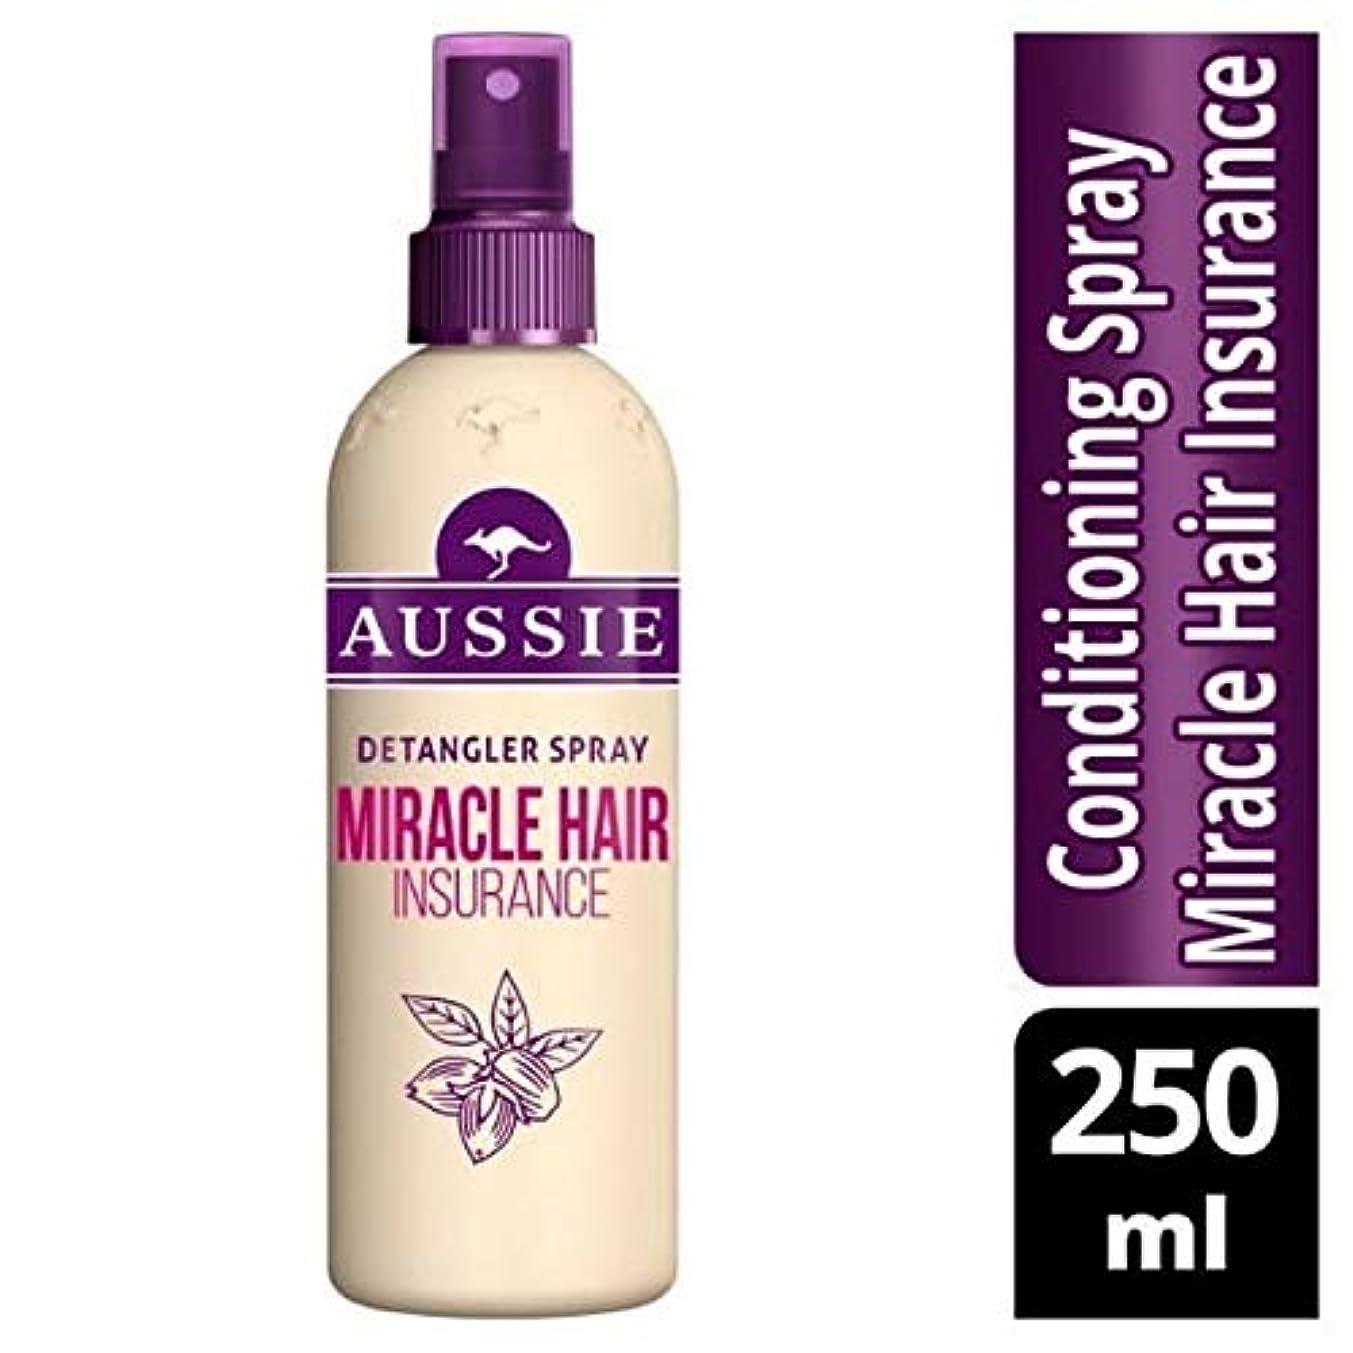 ピストル愛国的な上に[Aussie ] オーストラリアの奇跡髪保険Detanglerスプレー250ミリリットル - Aussie Miracle Hair Insurance Detangler Spray 250ml [並行輸入品]